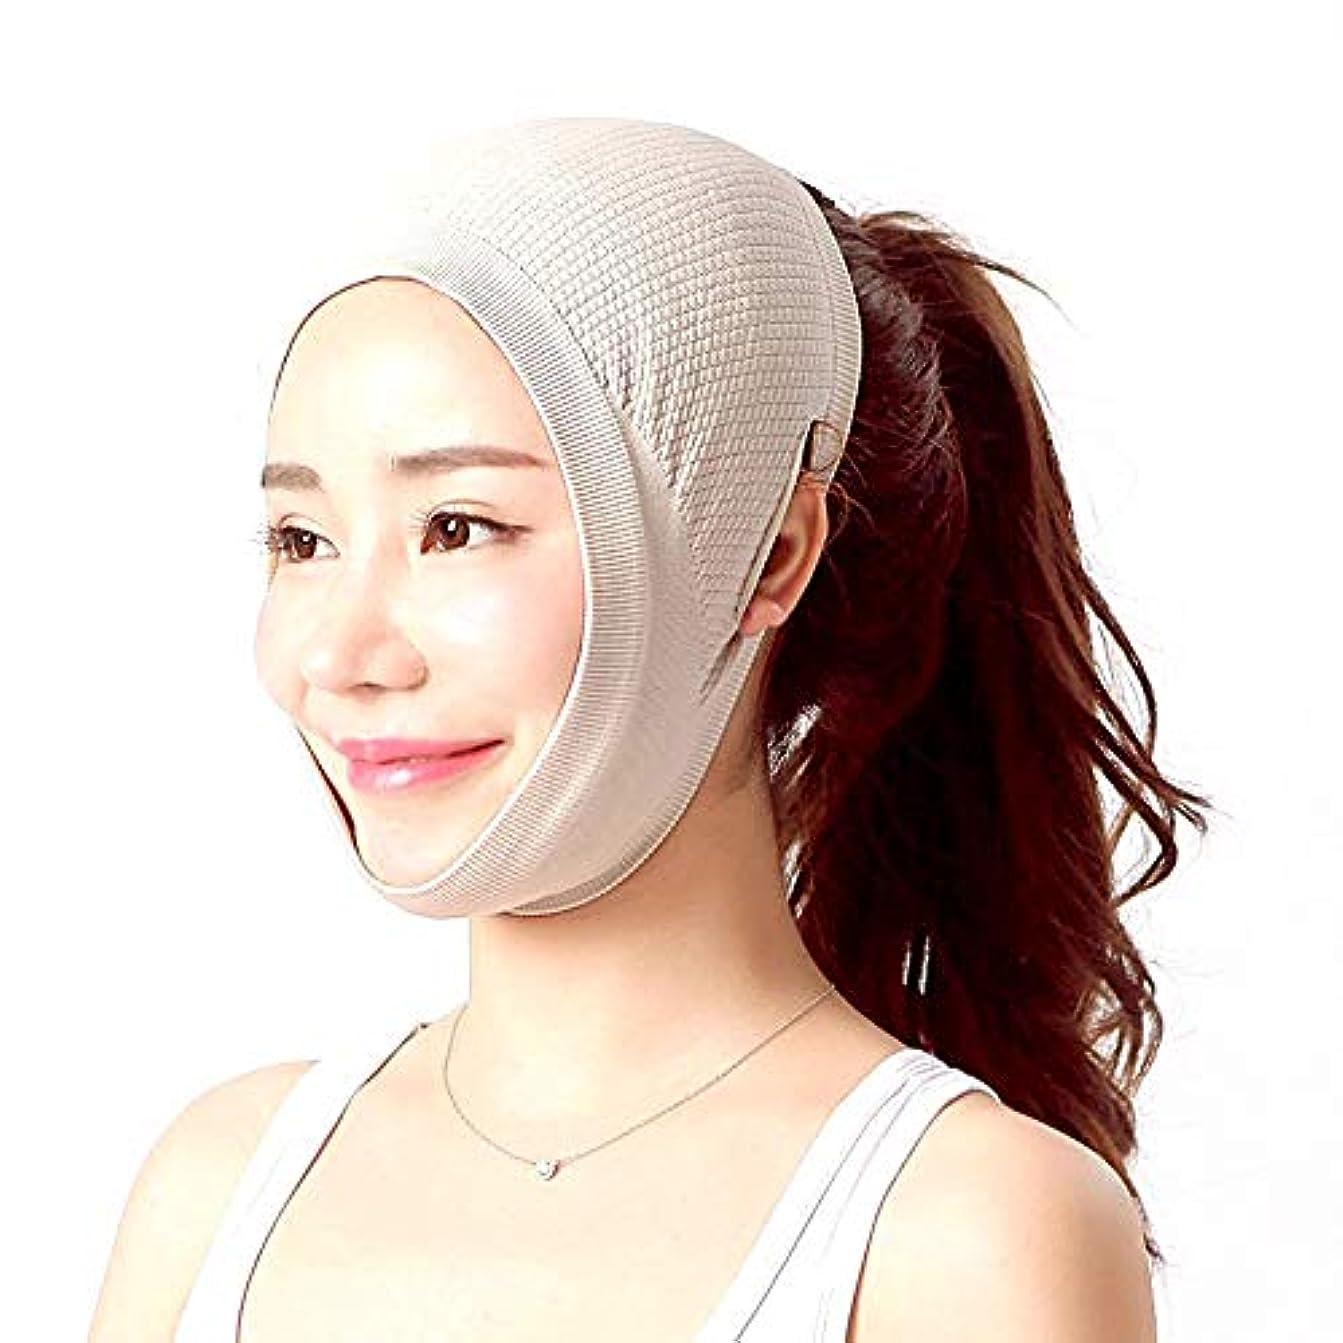 パーフェルビッド美徳圧力Jia Jia- フェイスリフティングアーティファクト包帯ライン術後回復包帯リフティングフェイスフードVフェイス包帯リフティングVフェイス美容マスク - 肌のトーン 顔面包帯